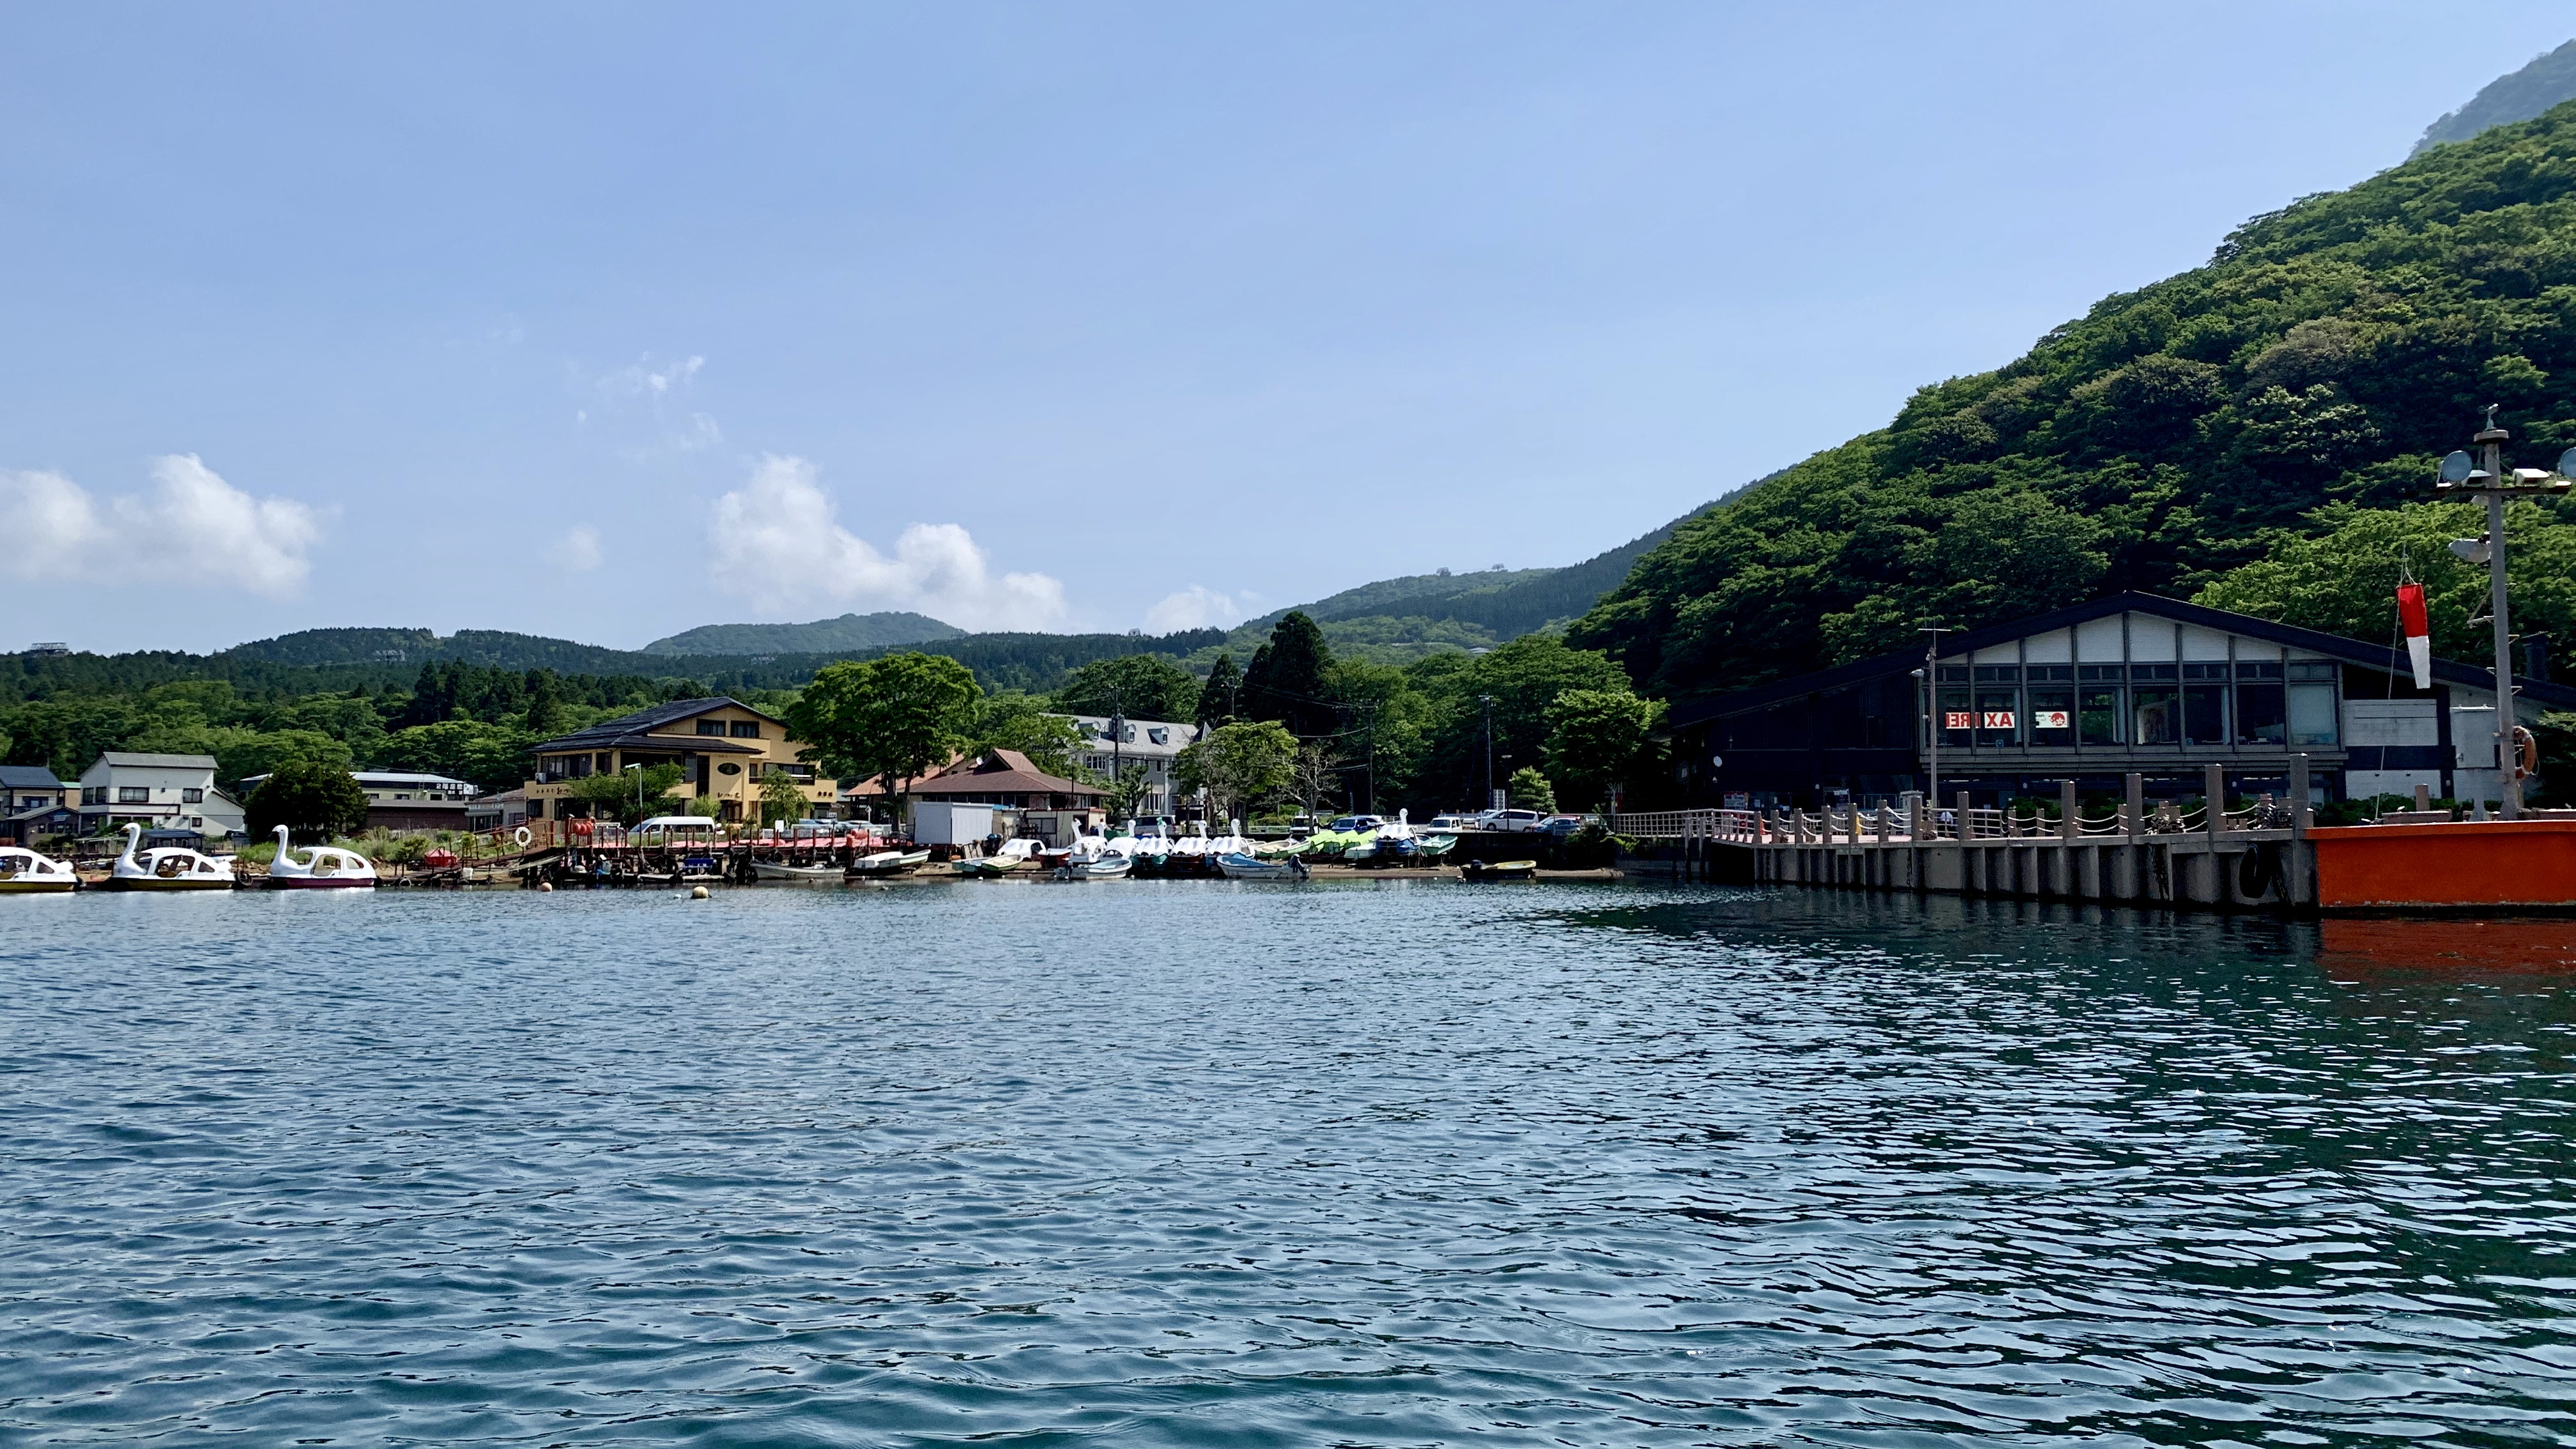 芦ノ湖湖尻